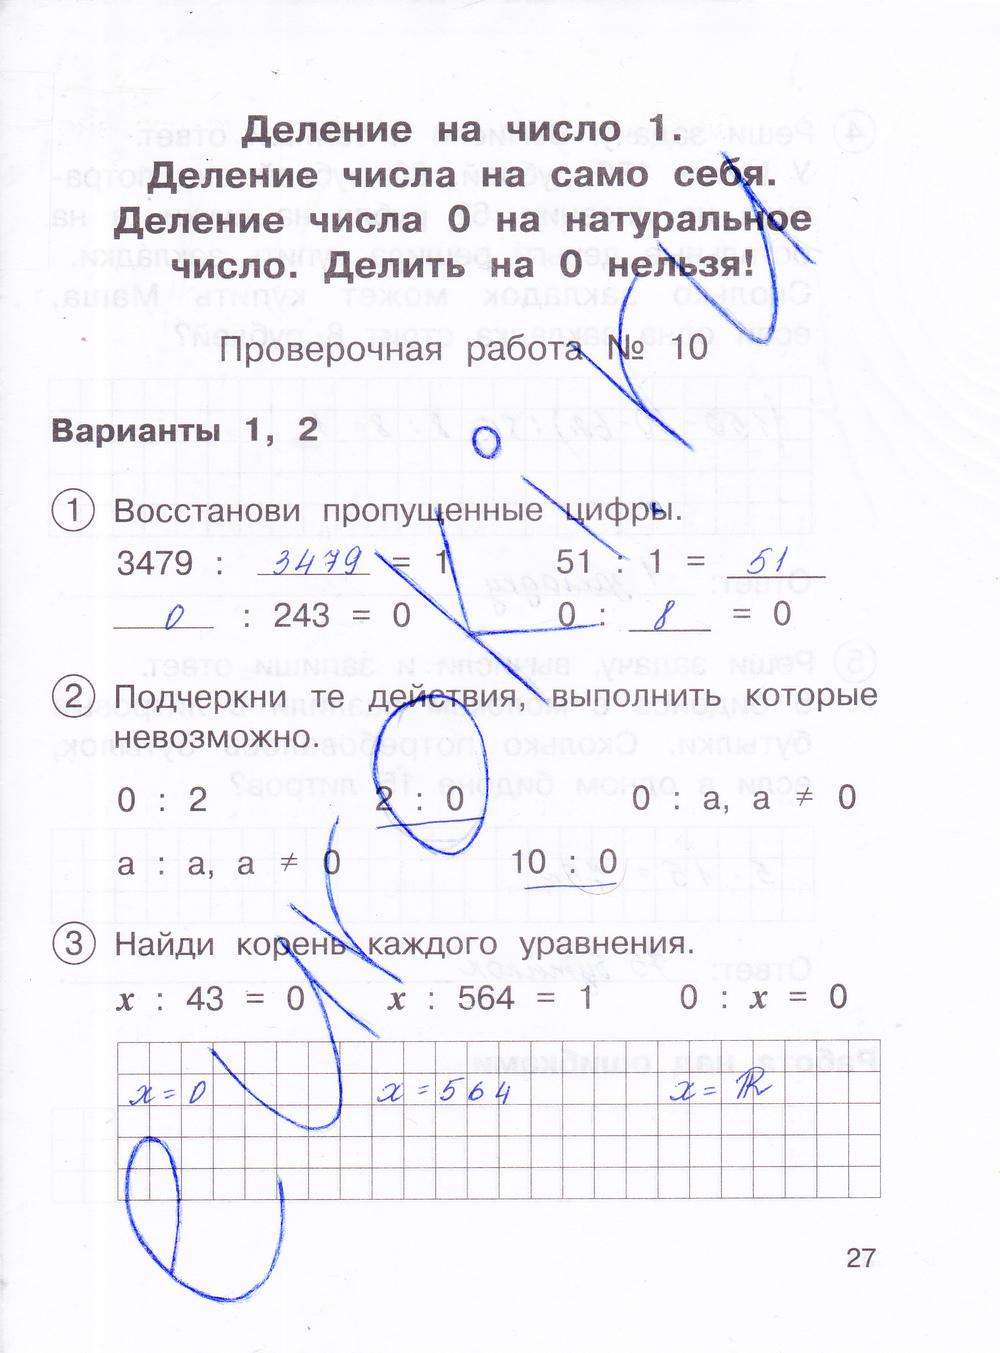 решебник по математике для проверочных и контрольных работ 4 класс